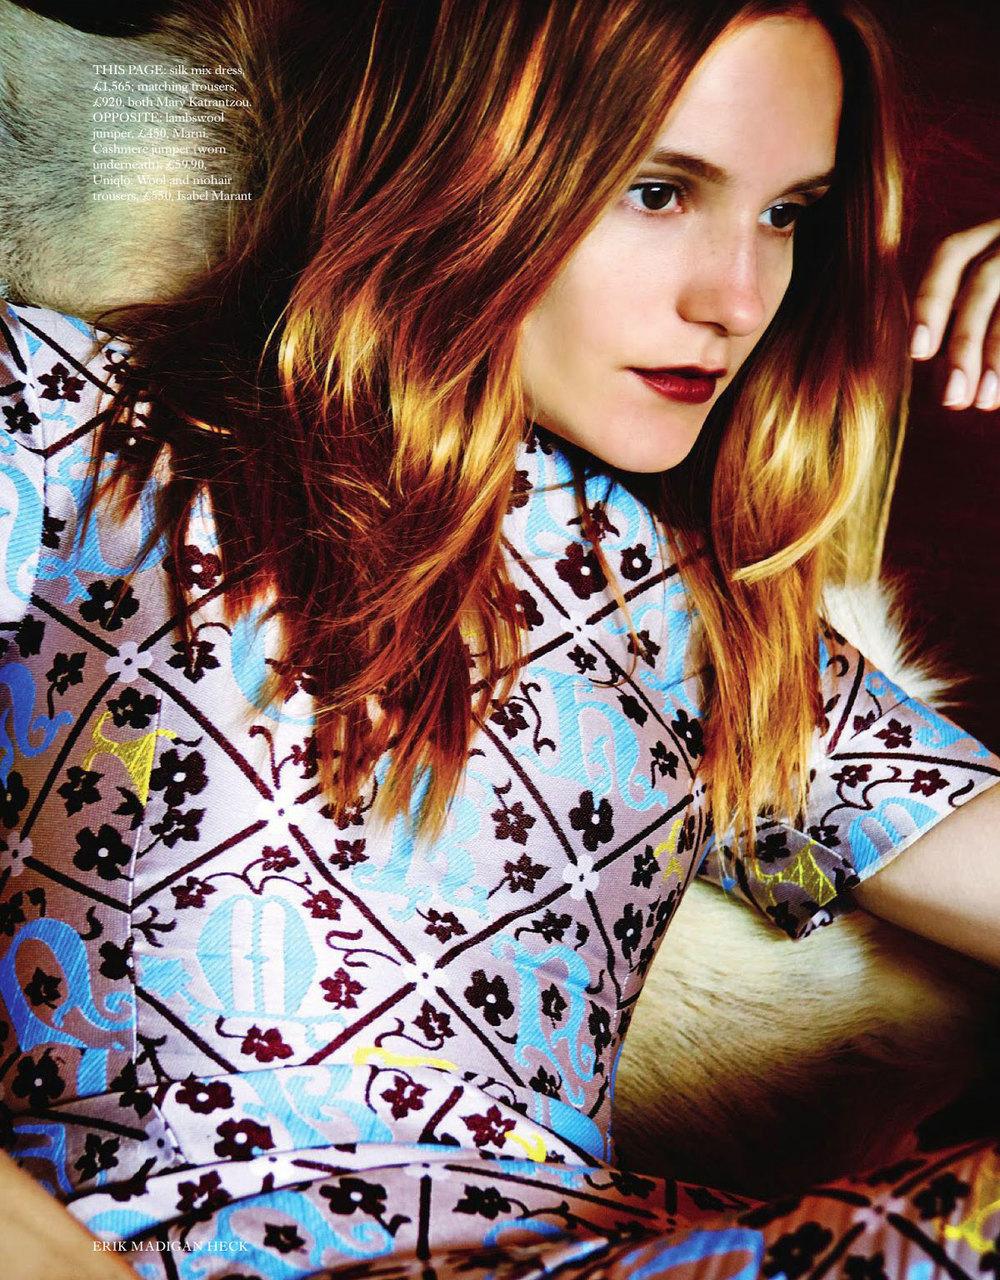 Dorothea-Barth-Jorgensen-by-Erik-Madigan-Heck-for-Harper's-Bazaar-UK-October-2014-2.jpg